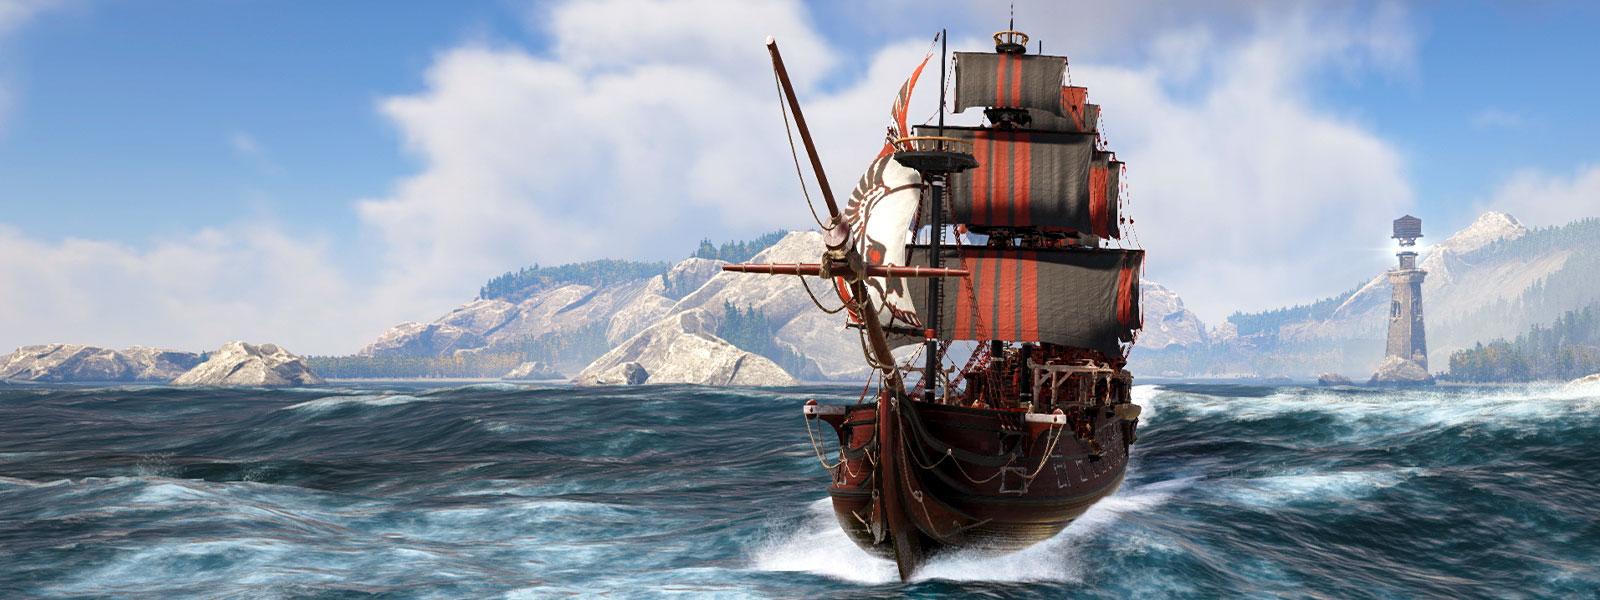 海中打著紅黑條紋船帆的船隻,背景是燈塔和山脈